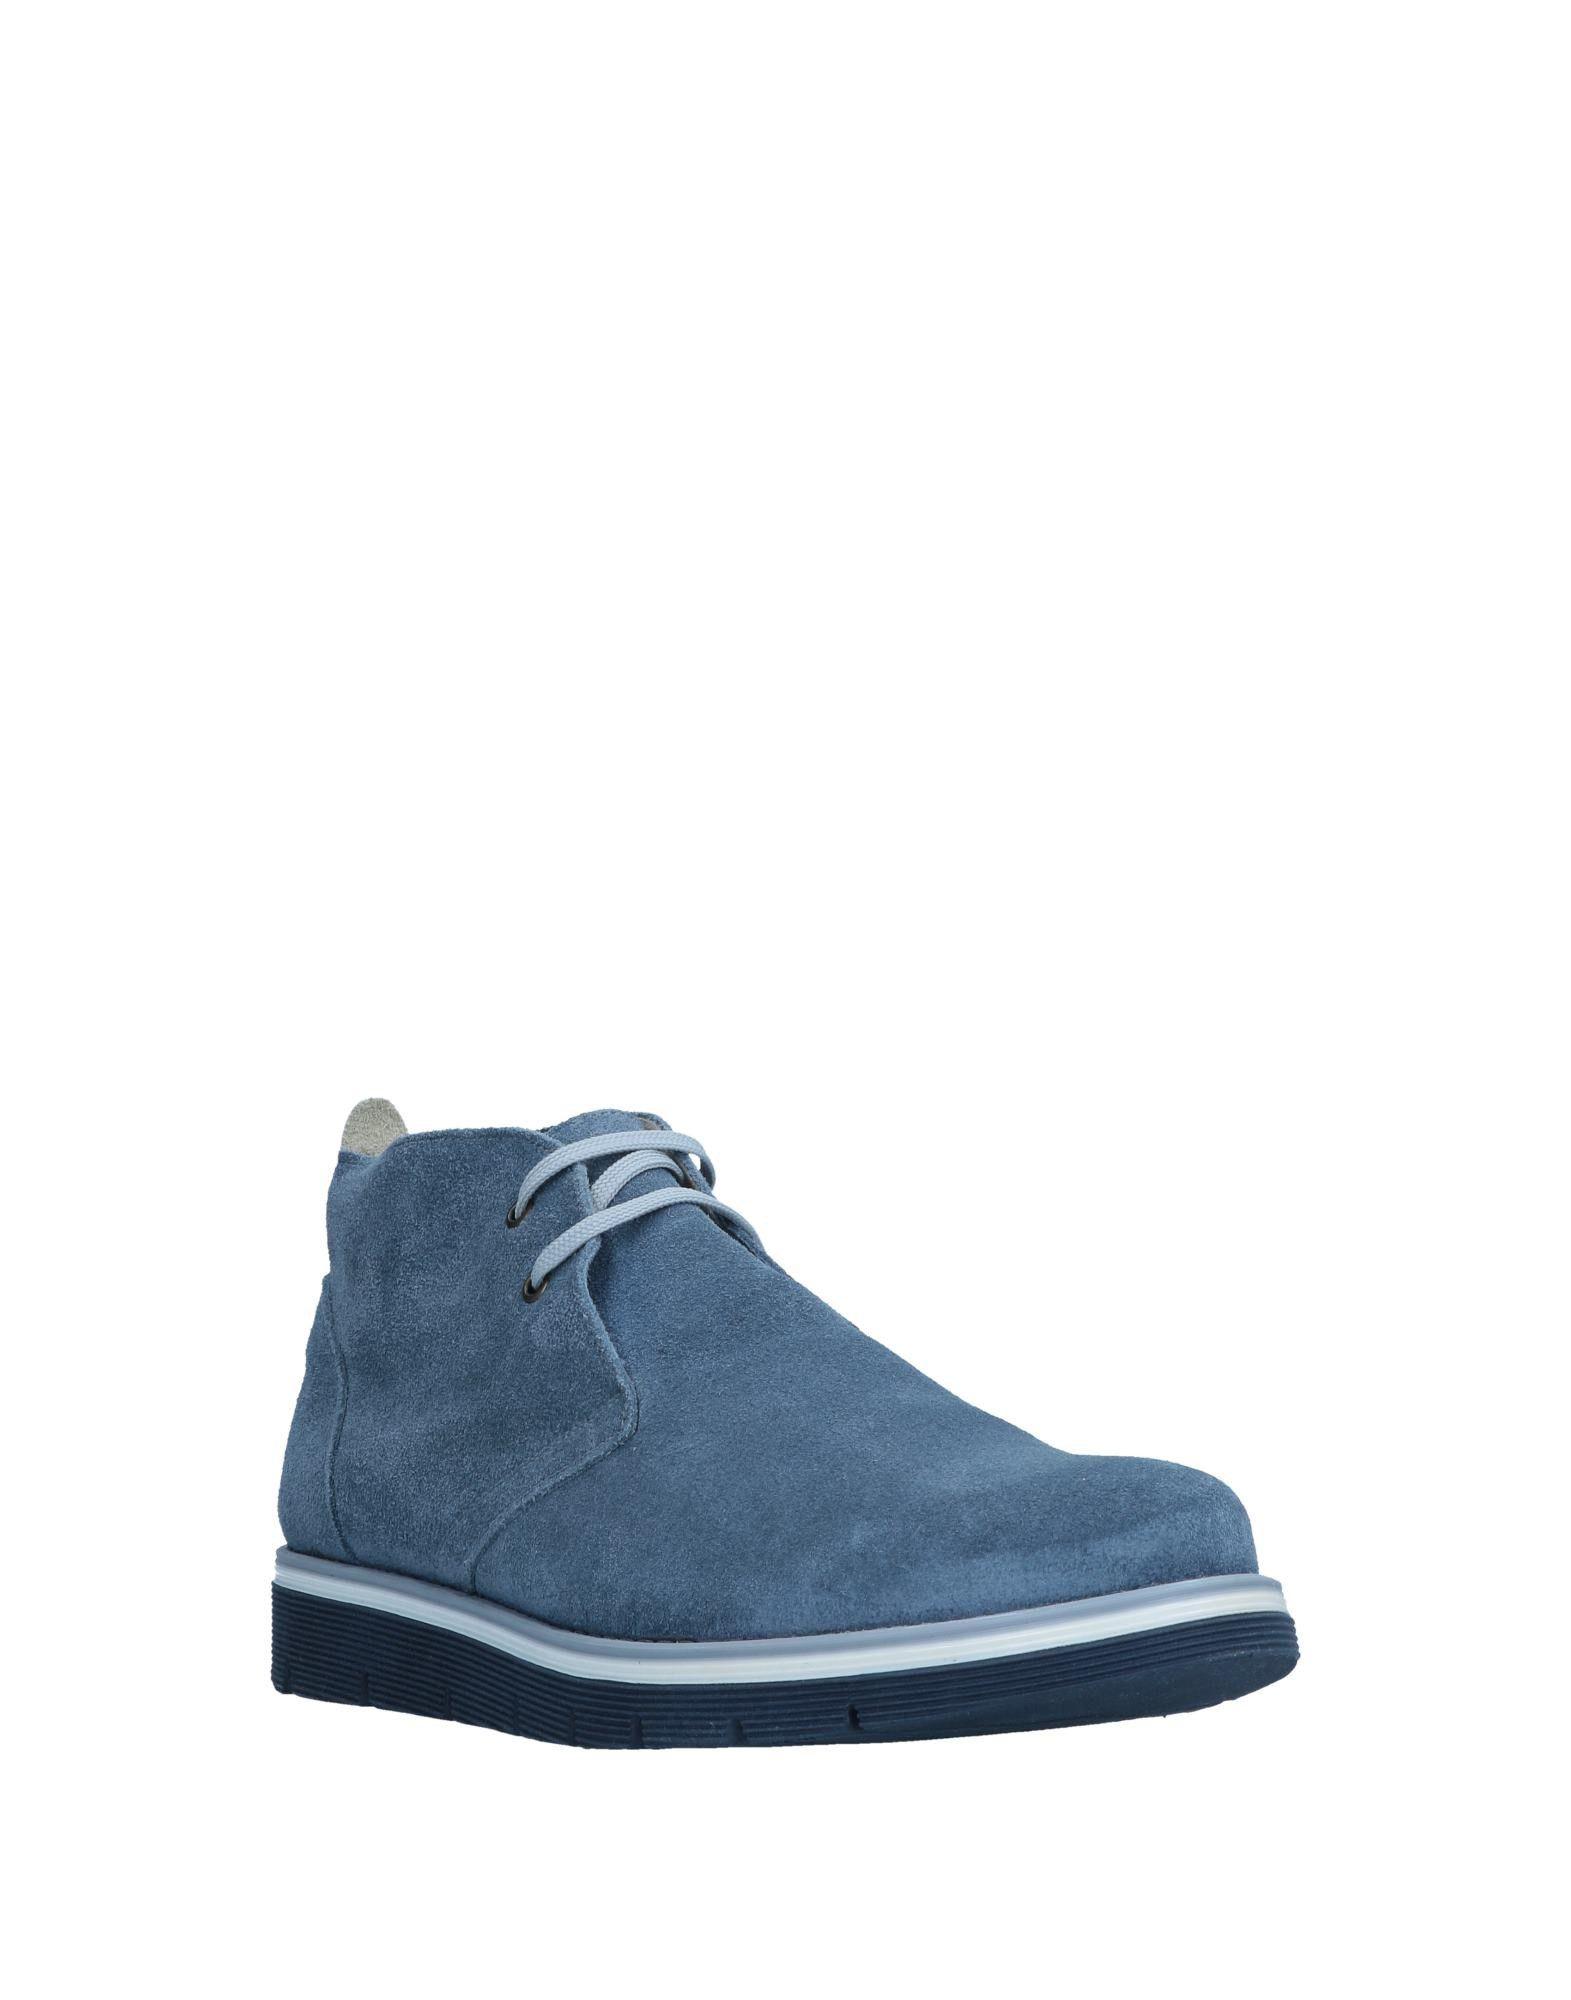 Rabatt echte Schuhe  Antonioni Milano Stiefelette Herren  Schuhe 11543907HH 29ce62